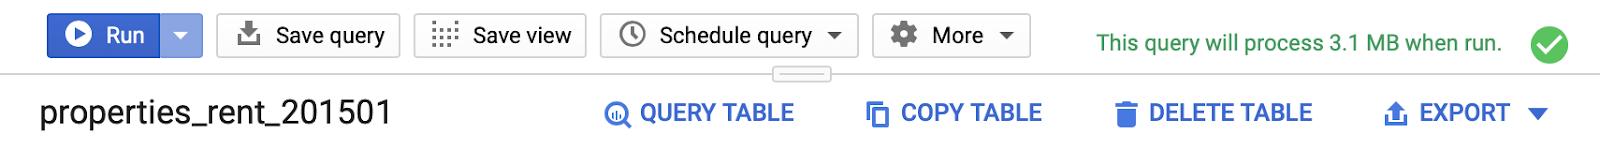 validazione query ok in bigquery.